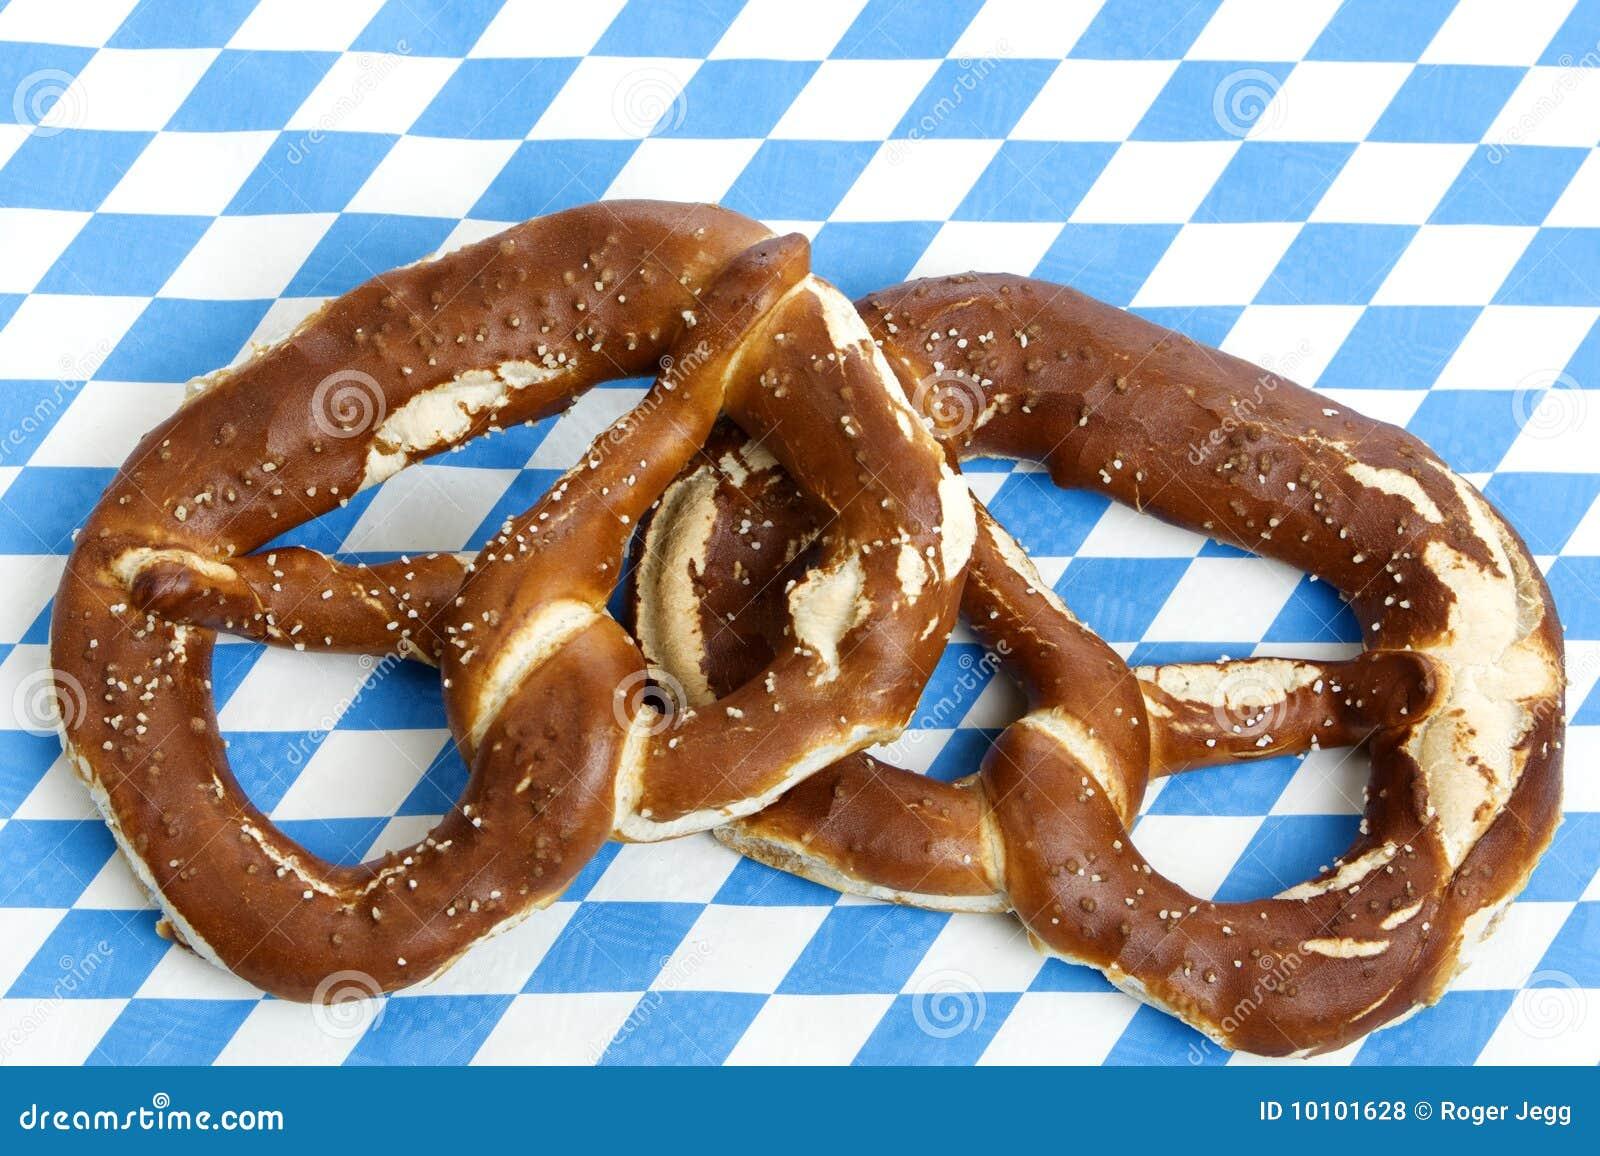 Oktoberfest Pretzel Royalty Free Stock Photos - Image ...